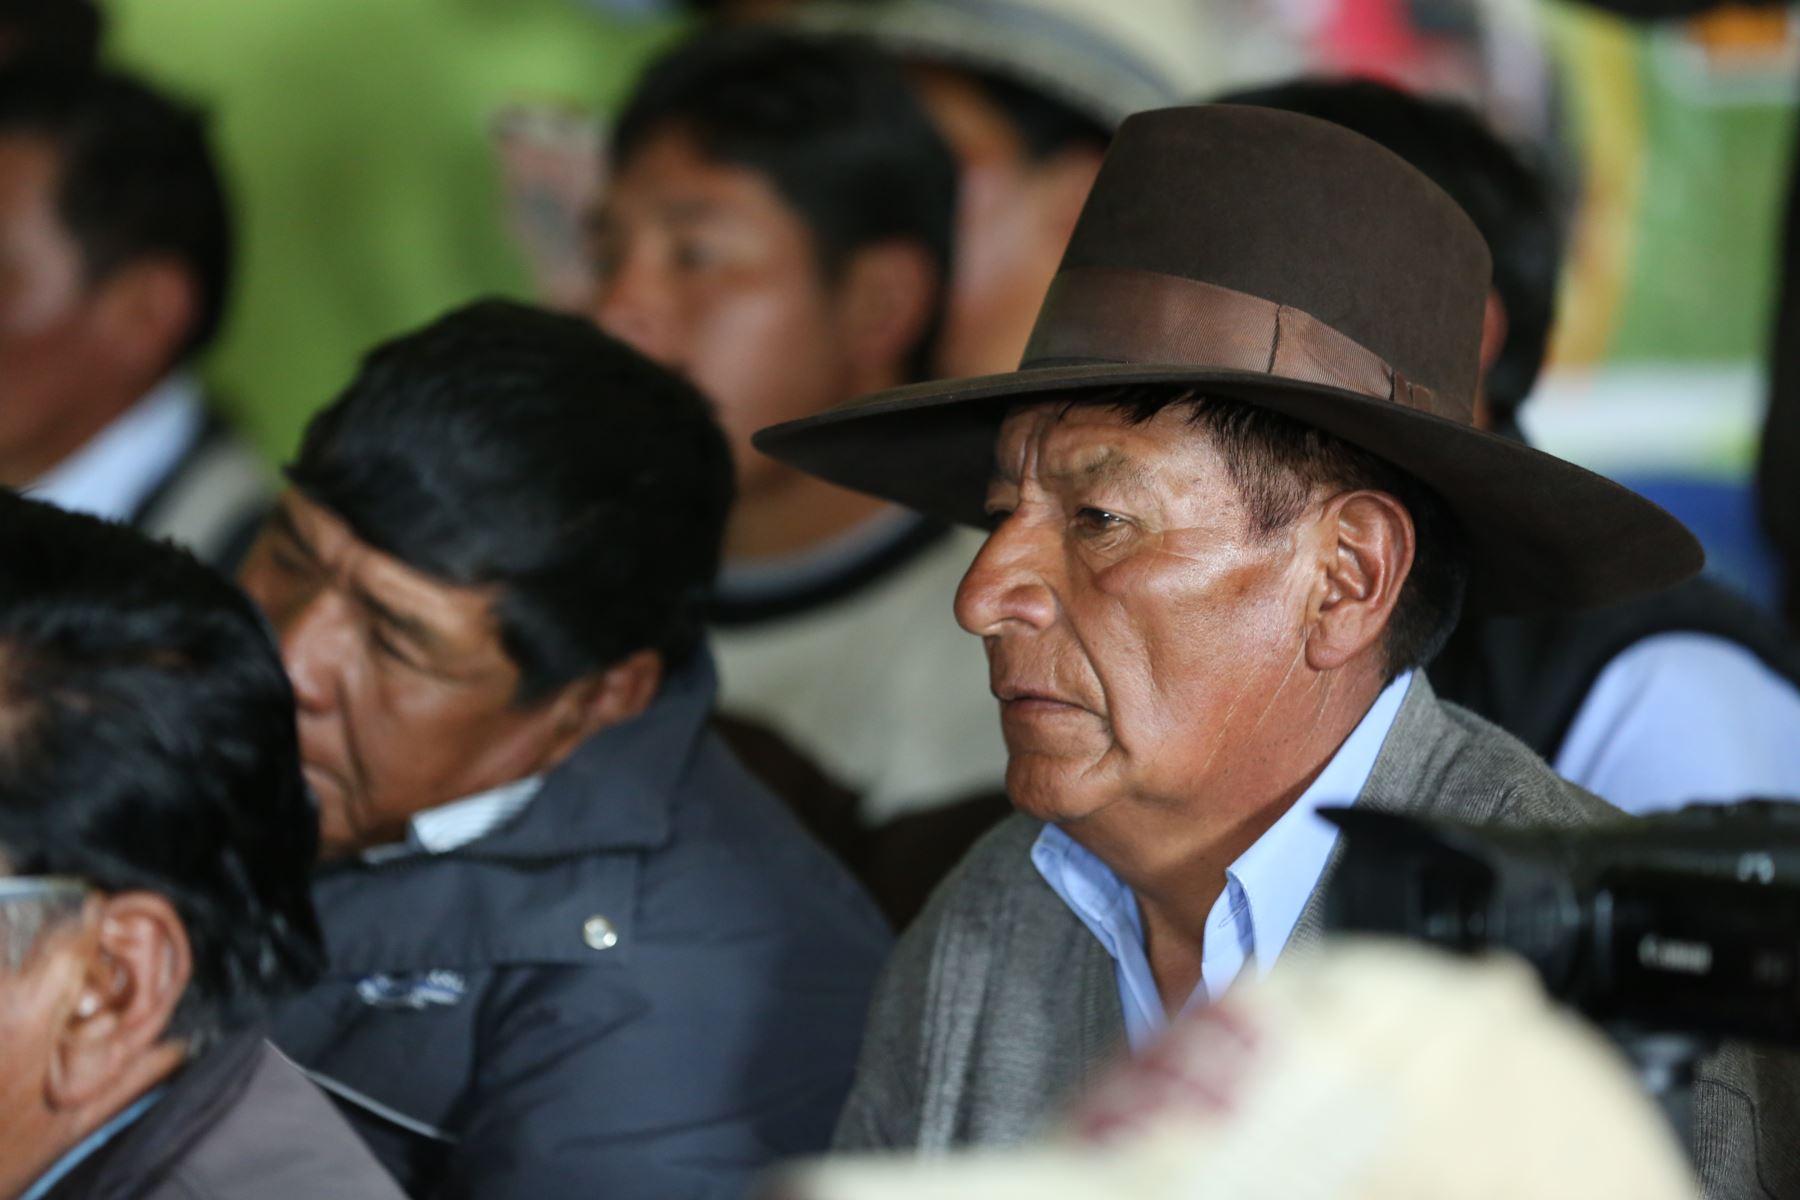 Poblador del Centro Poblado Tintaya Marquiri participa en reunión con el Titular de la PCM, Vicente Zeballos  junto a dirigentes de 13 comunidades campesinas del área de influencia directa de la unidad minera Antapaccay Foto: PCM